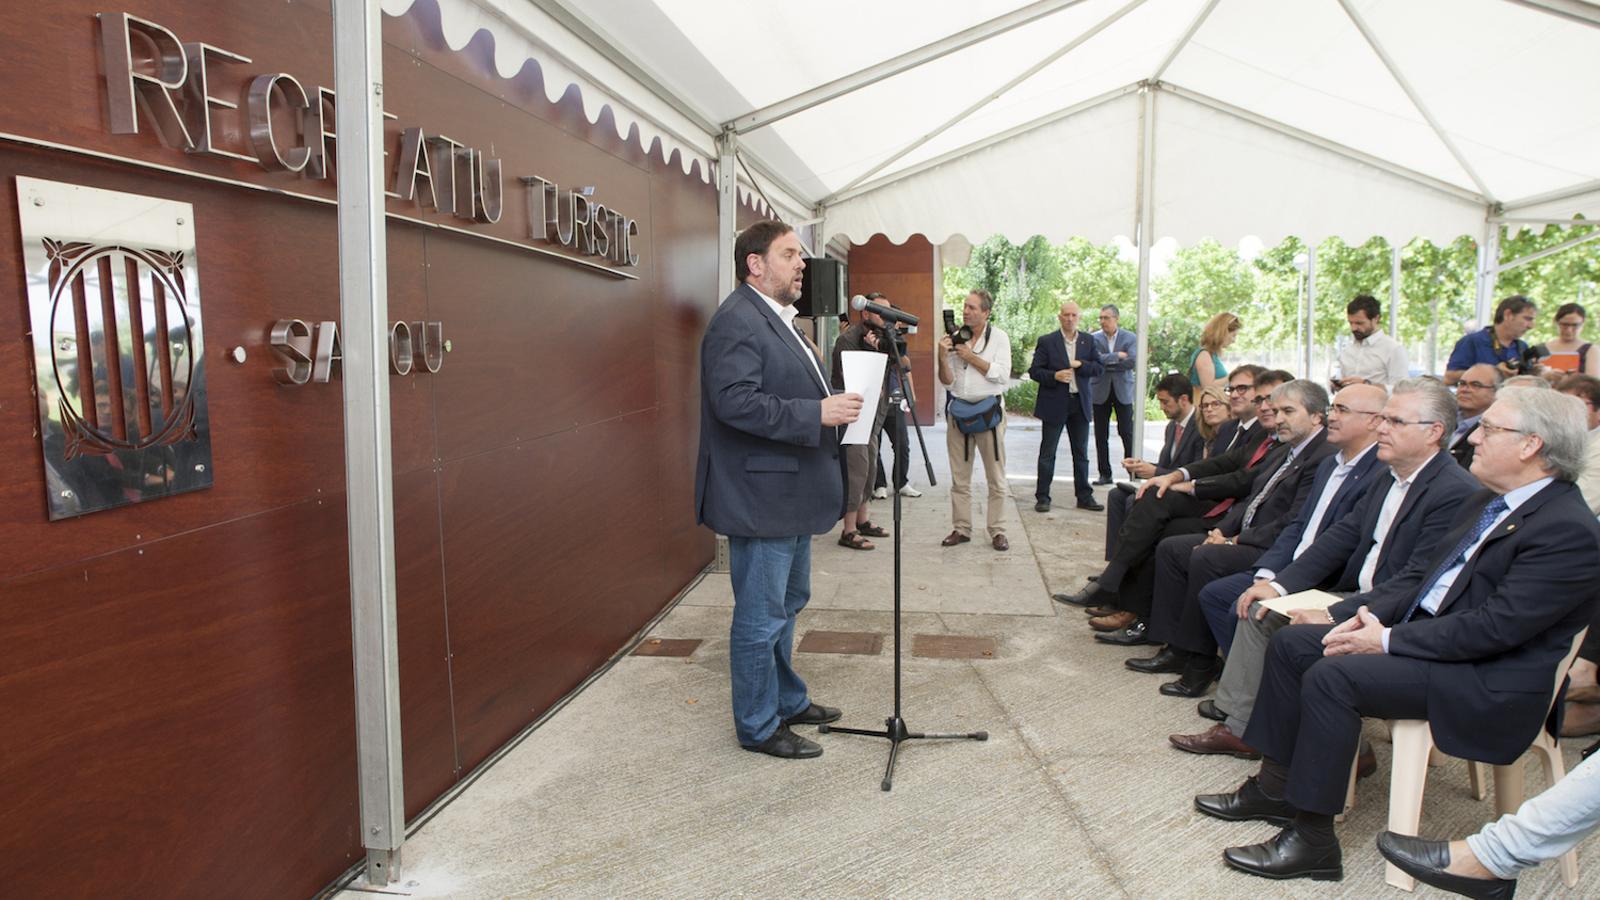 El vicepresident de la Generalitat, Oriol Junqueras, presentant el projecte Centre Recreatiu Turístic, que substitueix BCN World a Salou